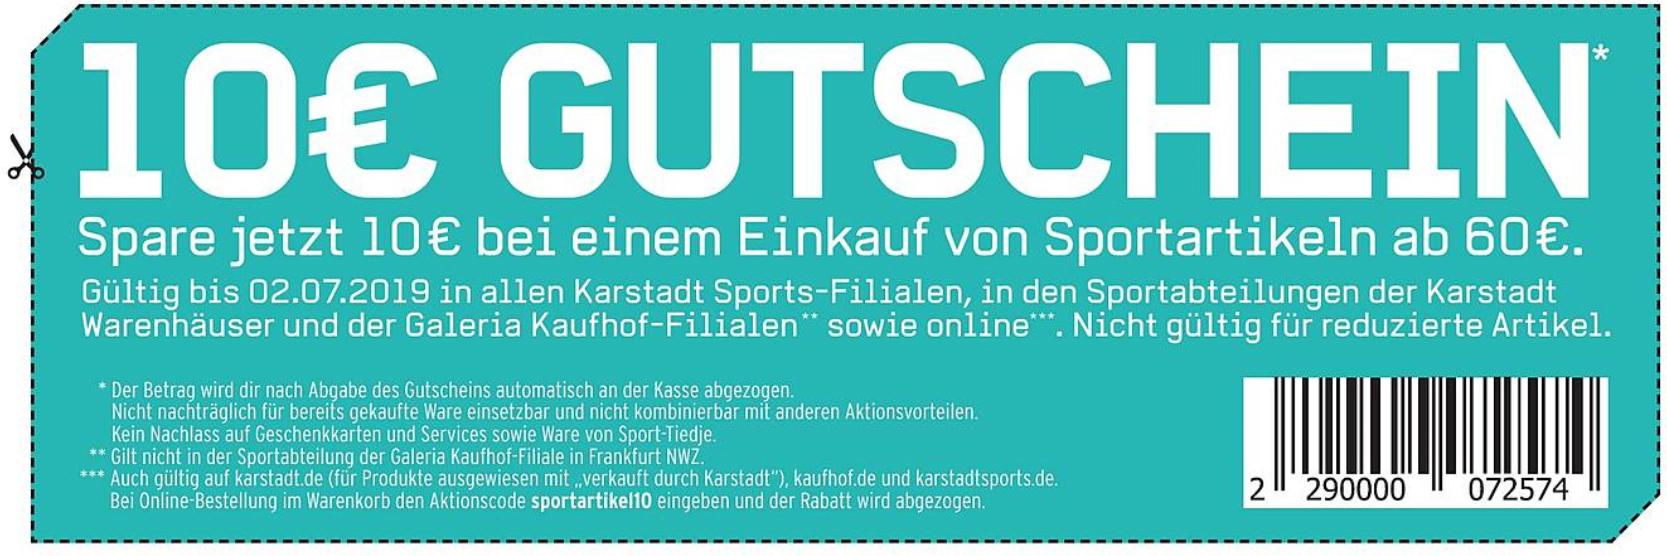 [Kartstadt Sports] Online & Offline 10€ Gutschein (MBW: 60€)